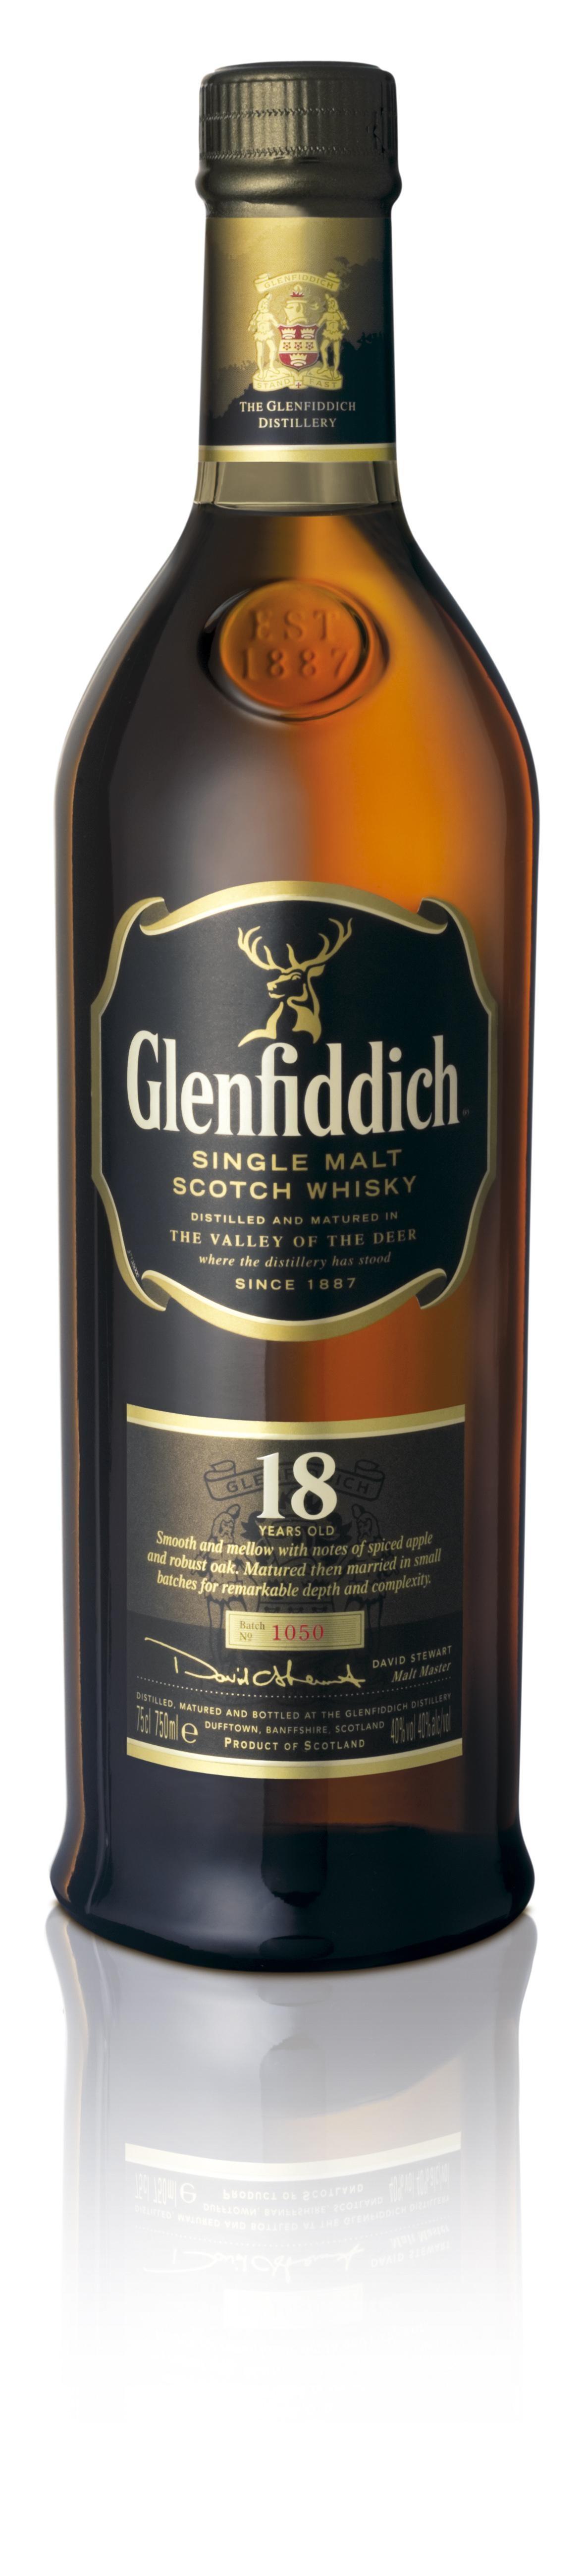 Glenfiddich 18year 70cl 40% malt whisky speyside